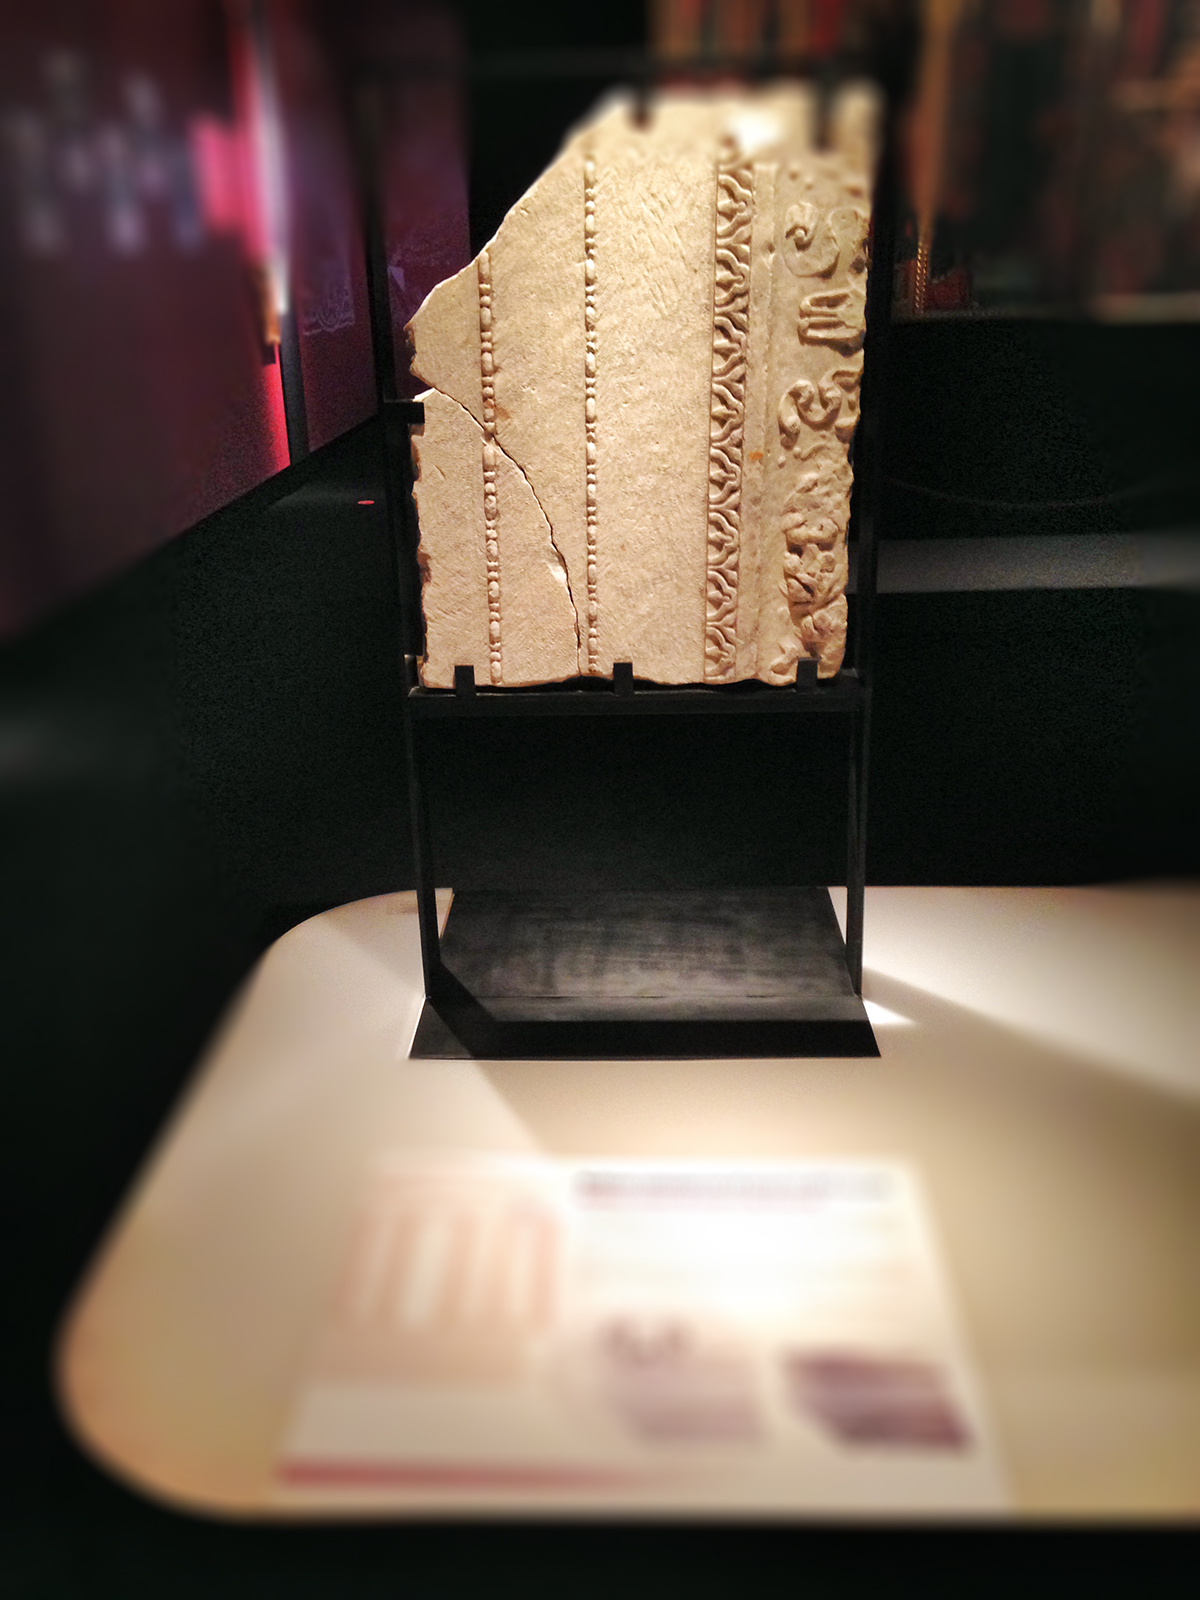 Anverso del escudo realizado en mármol mostrando ser parte de un templo romano